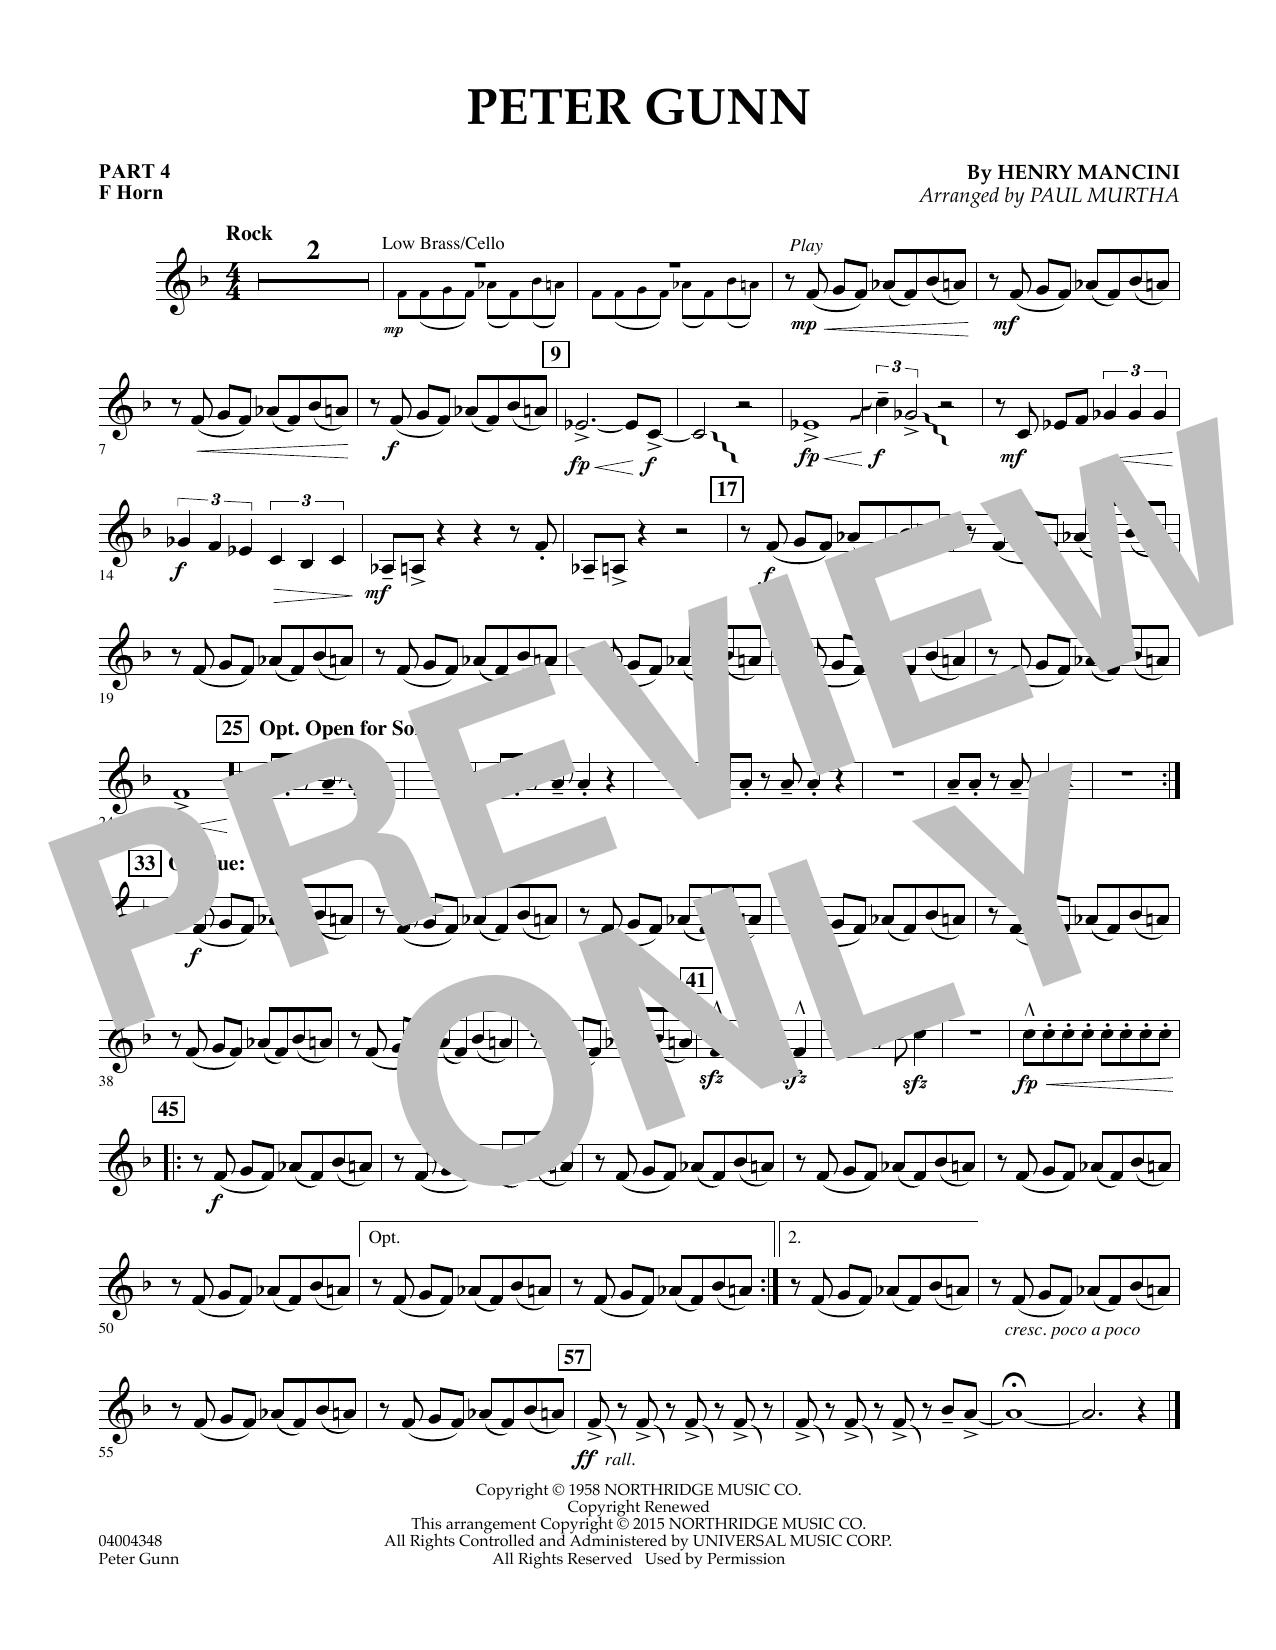 Peter Gunn - Pt.4 - F Horn (Flex-Band)